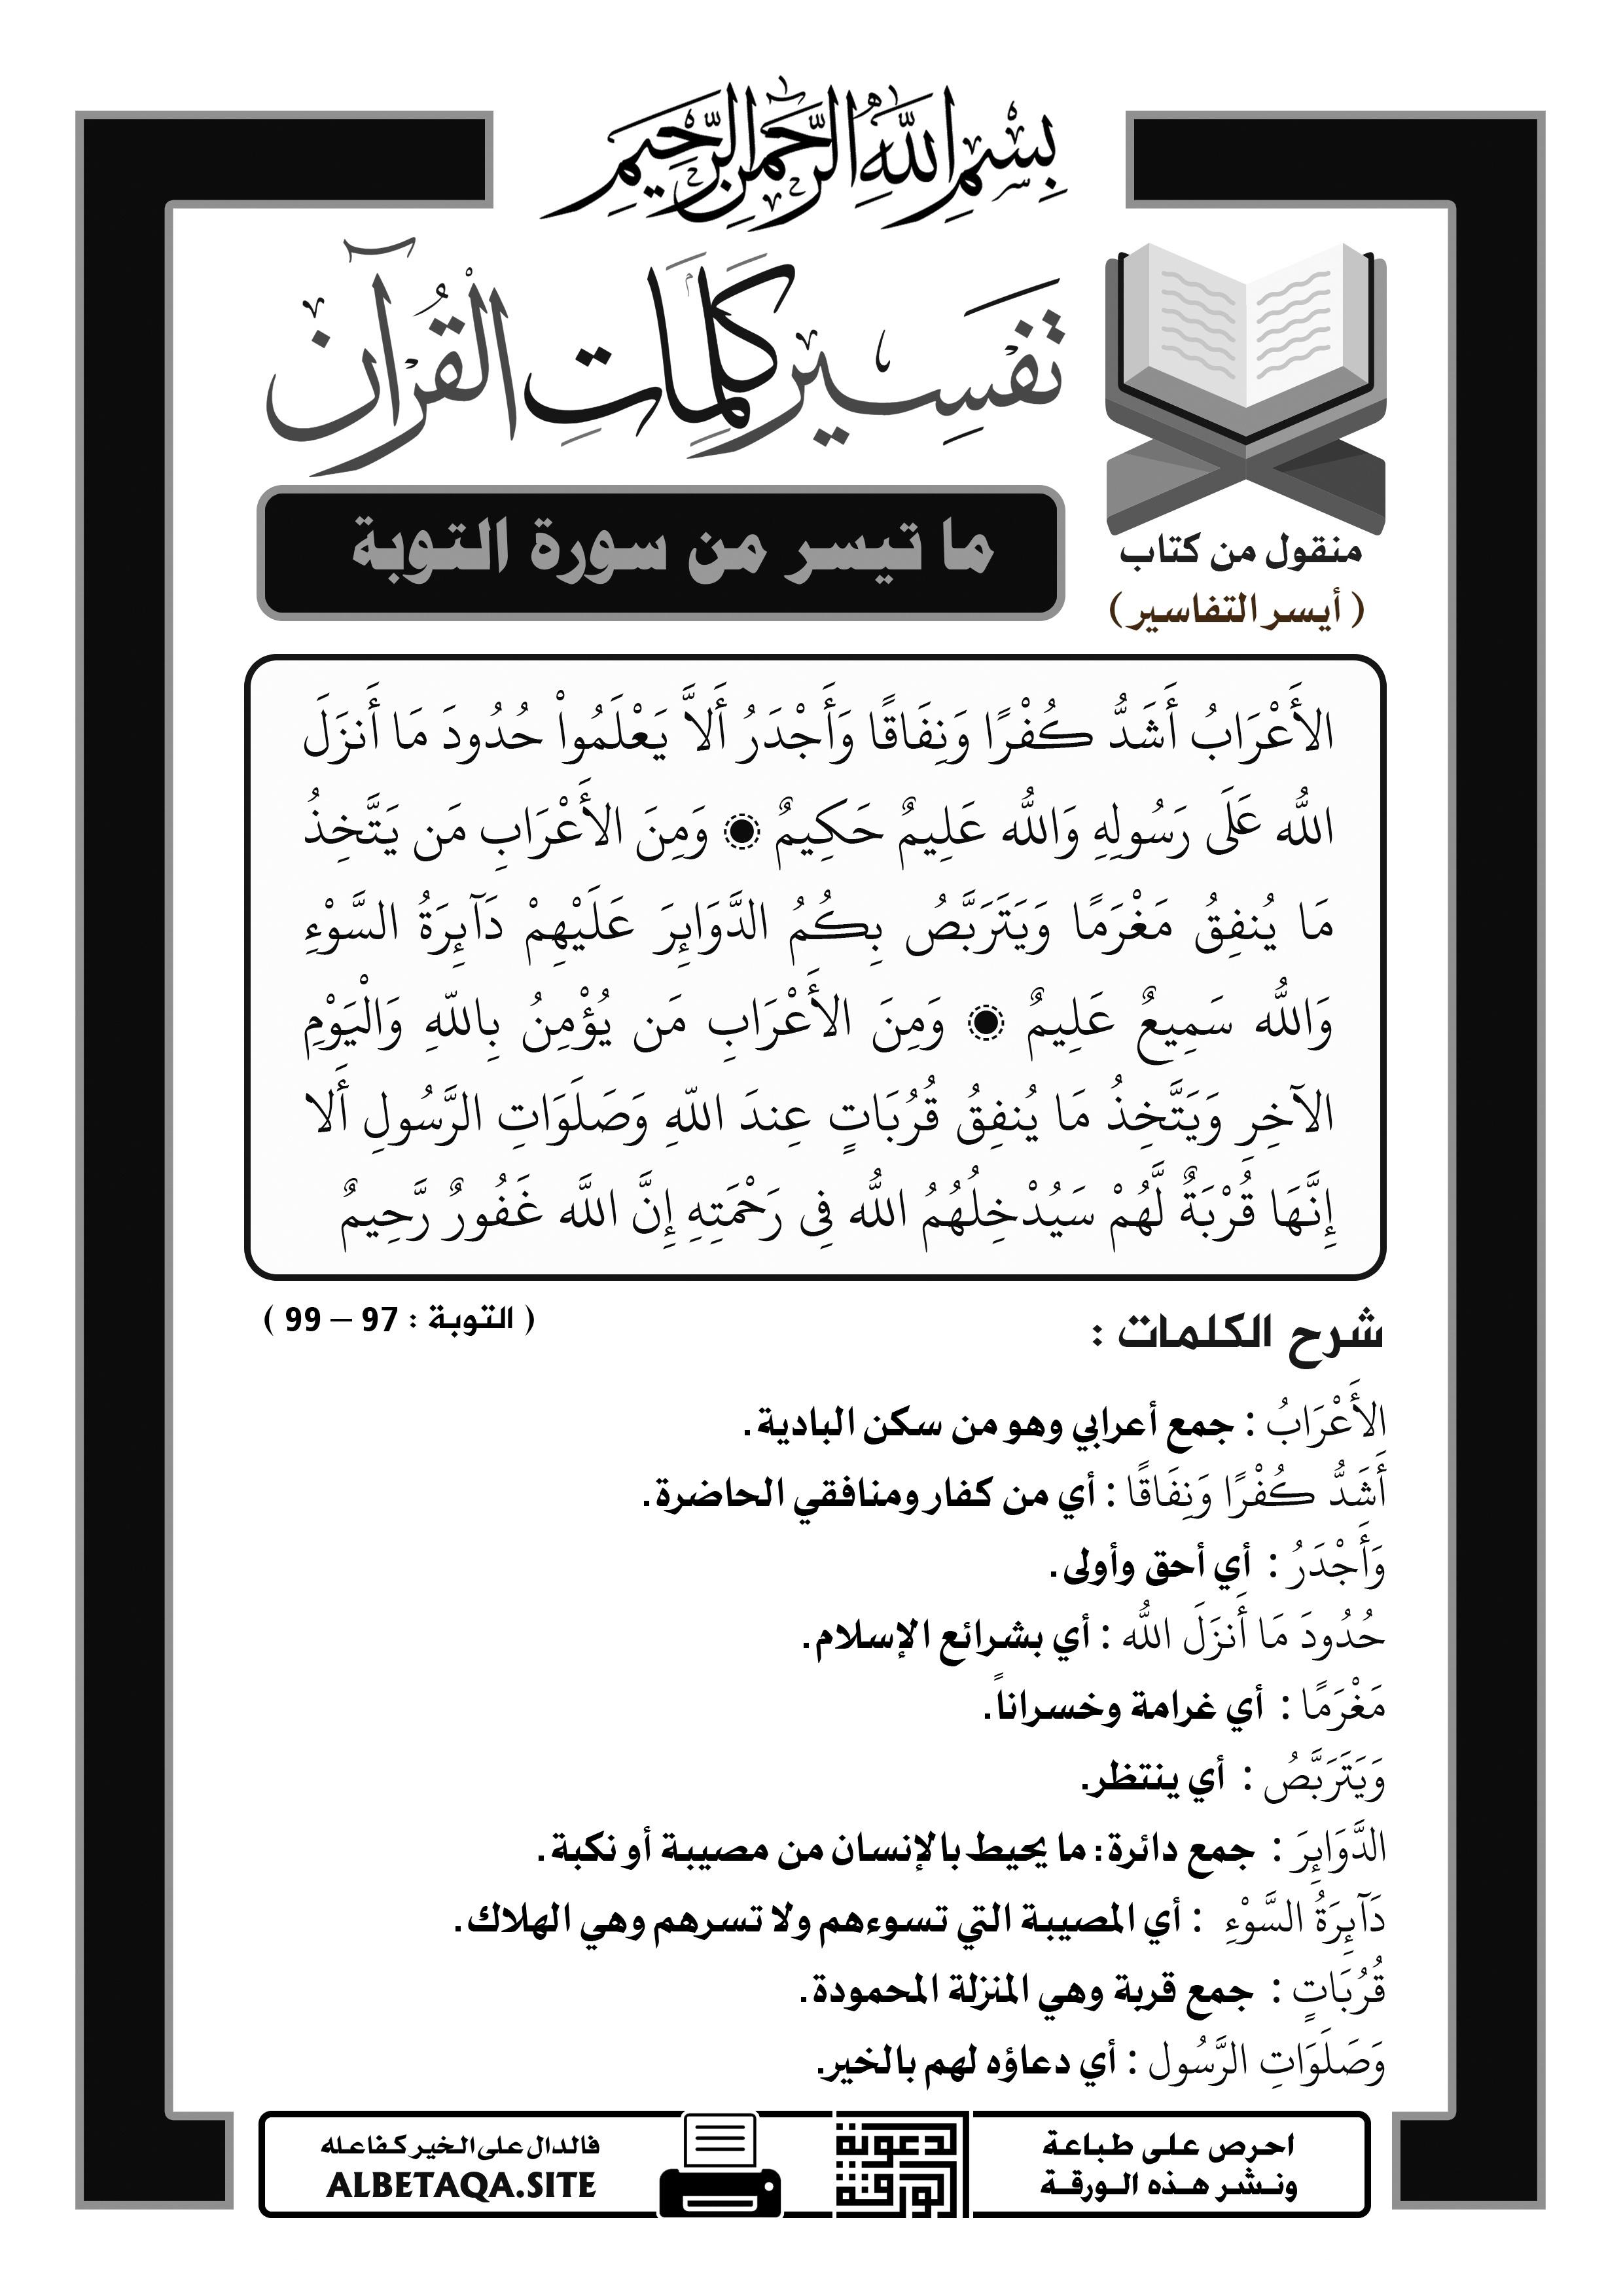 تفسير كلمات القرآن ما تيسر من سورة التوبة الآيات 97 99 موقع البطاقة الدعوي